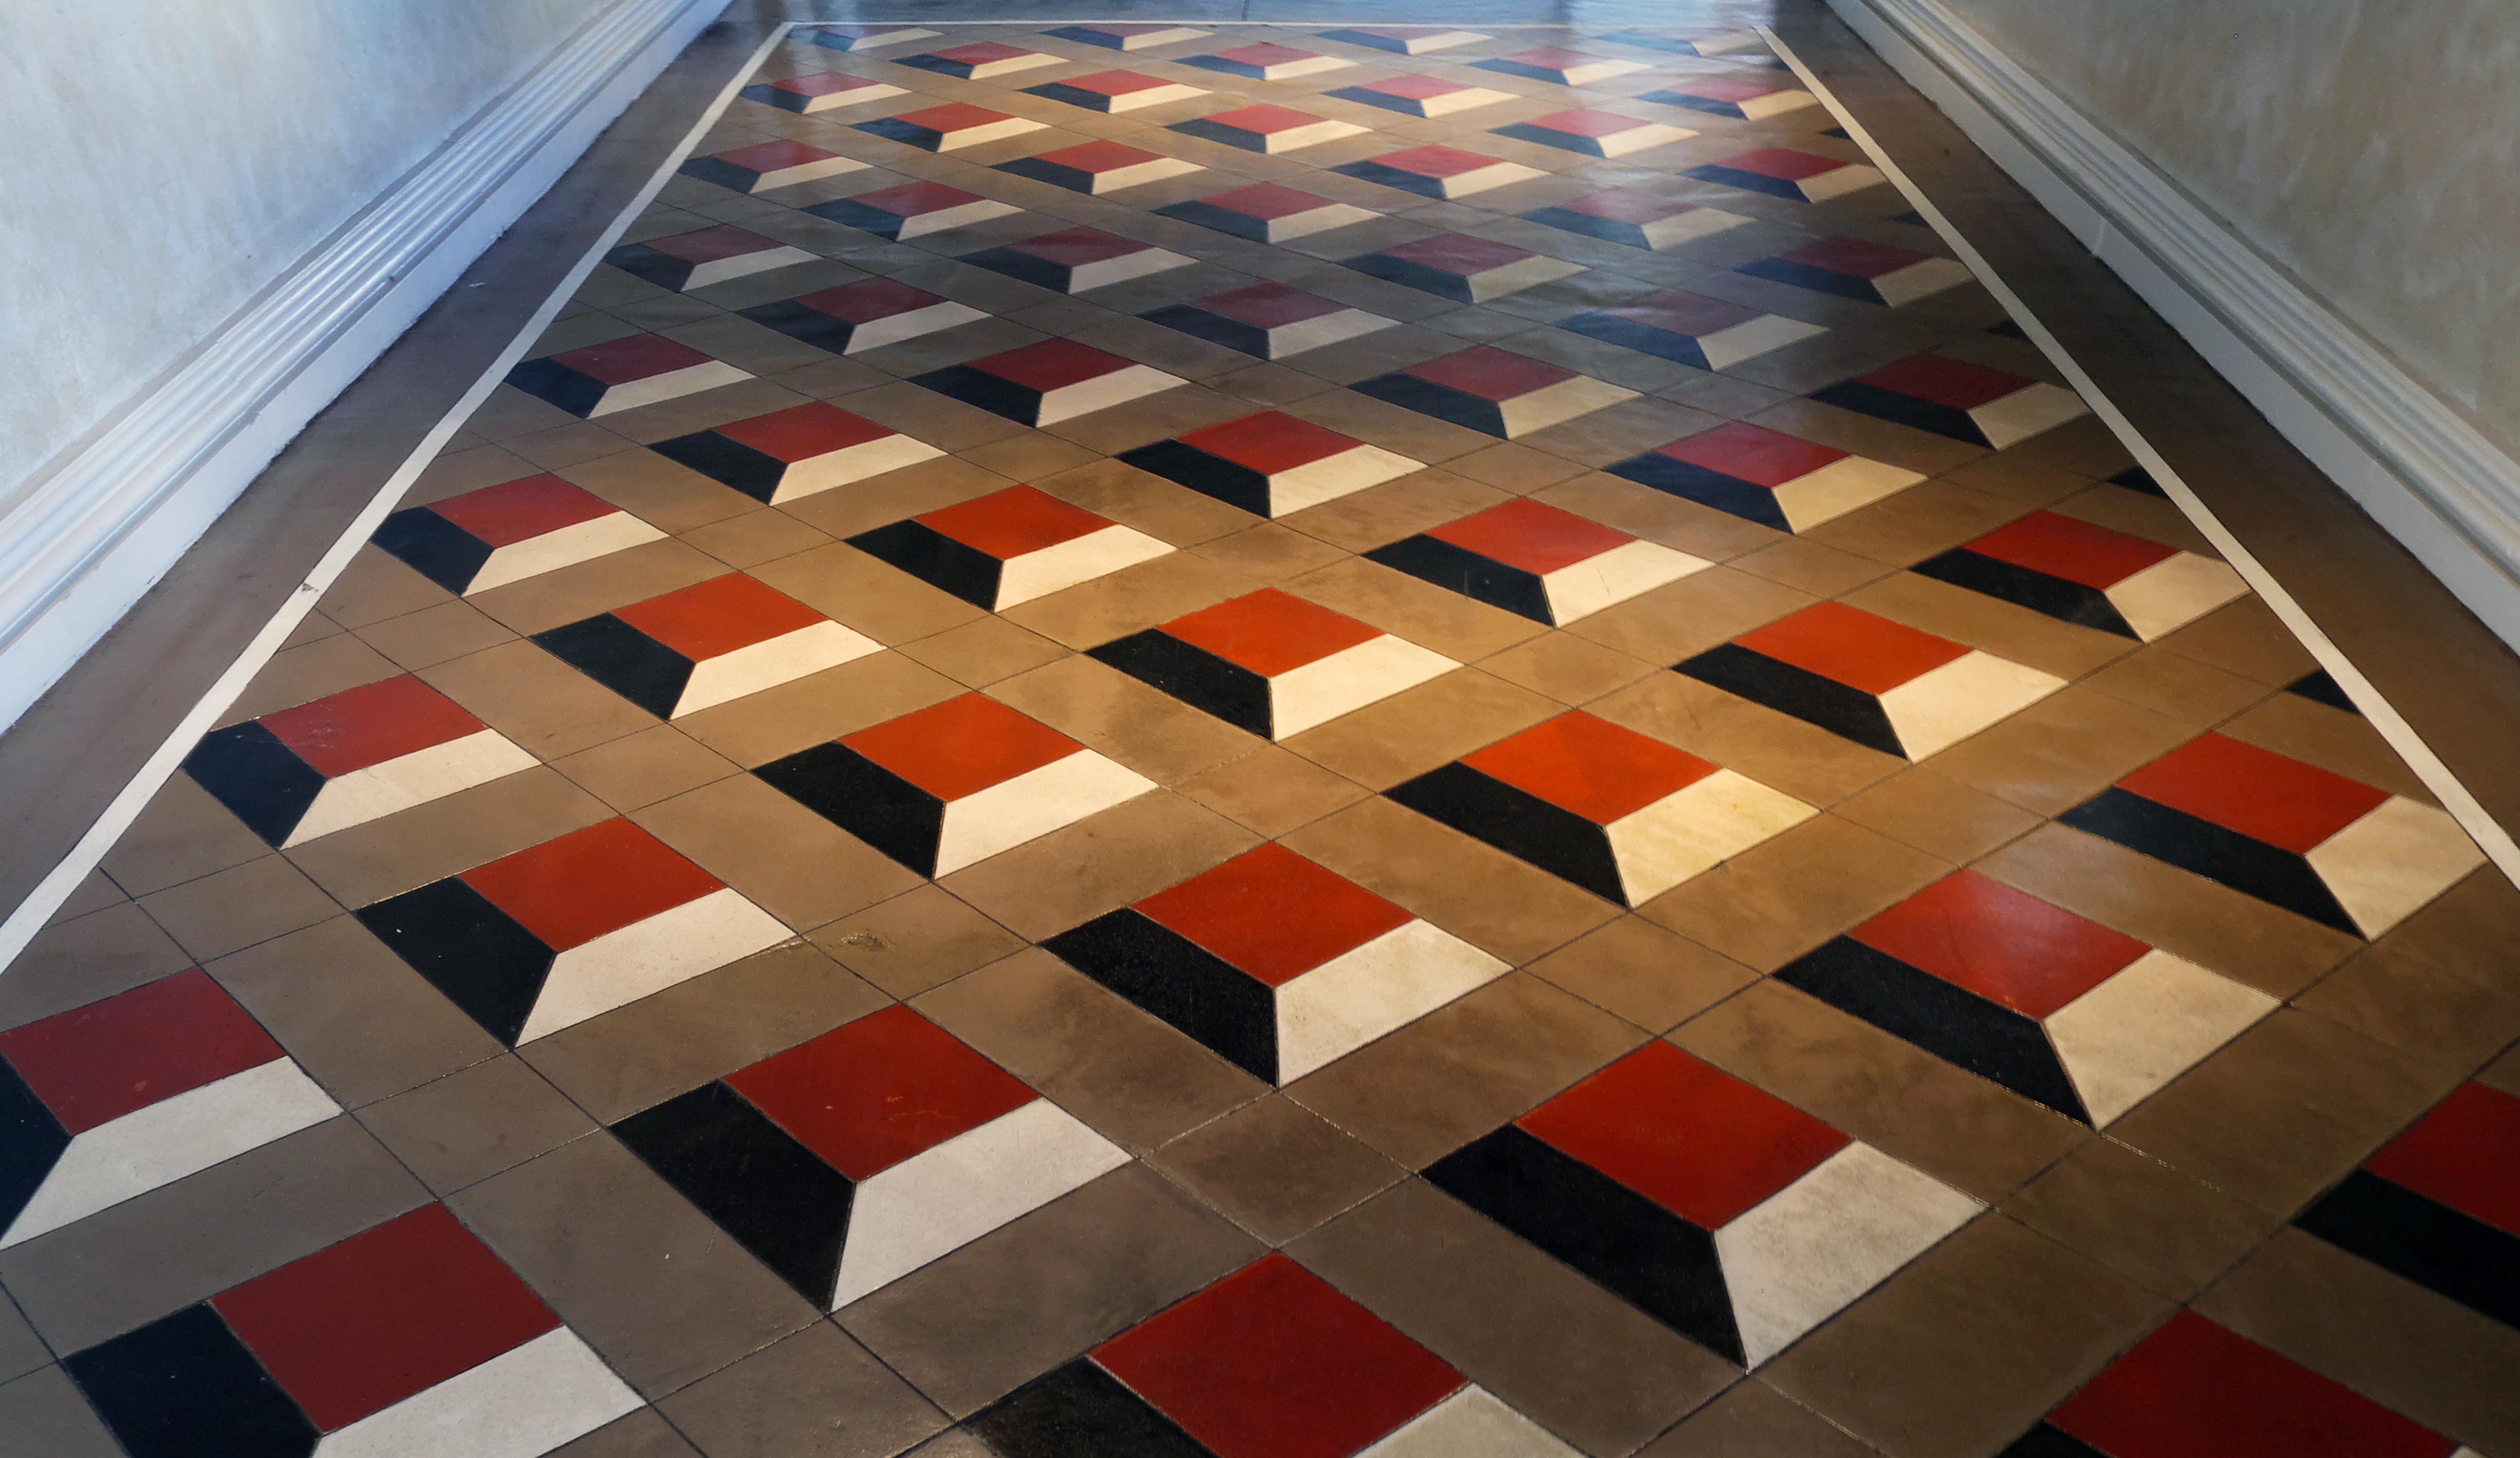 Gratis Billeder Etage Mnster Farve Flise Materiale Cirkel Tekstil Kunst Design